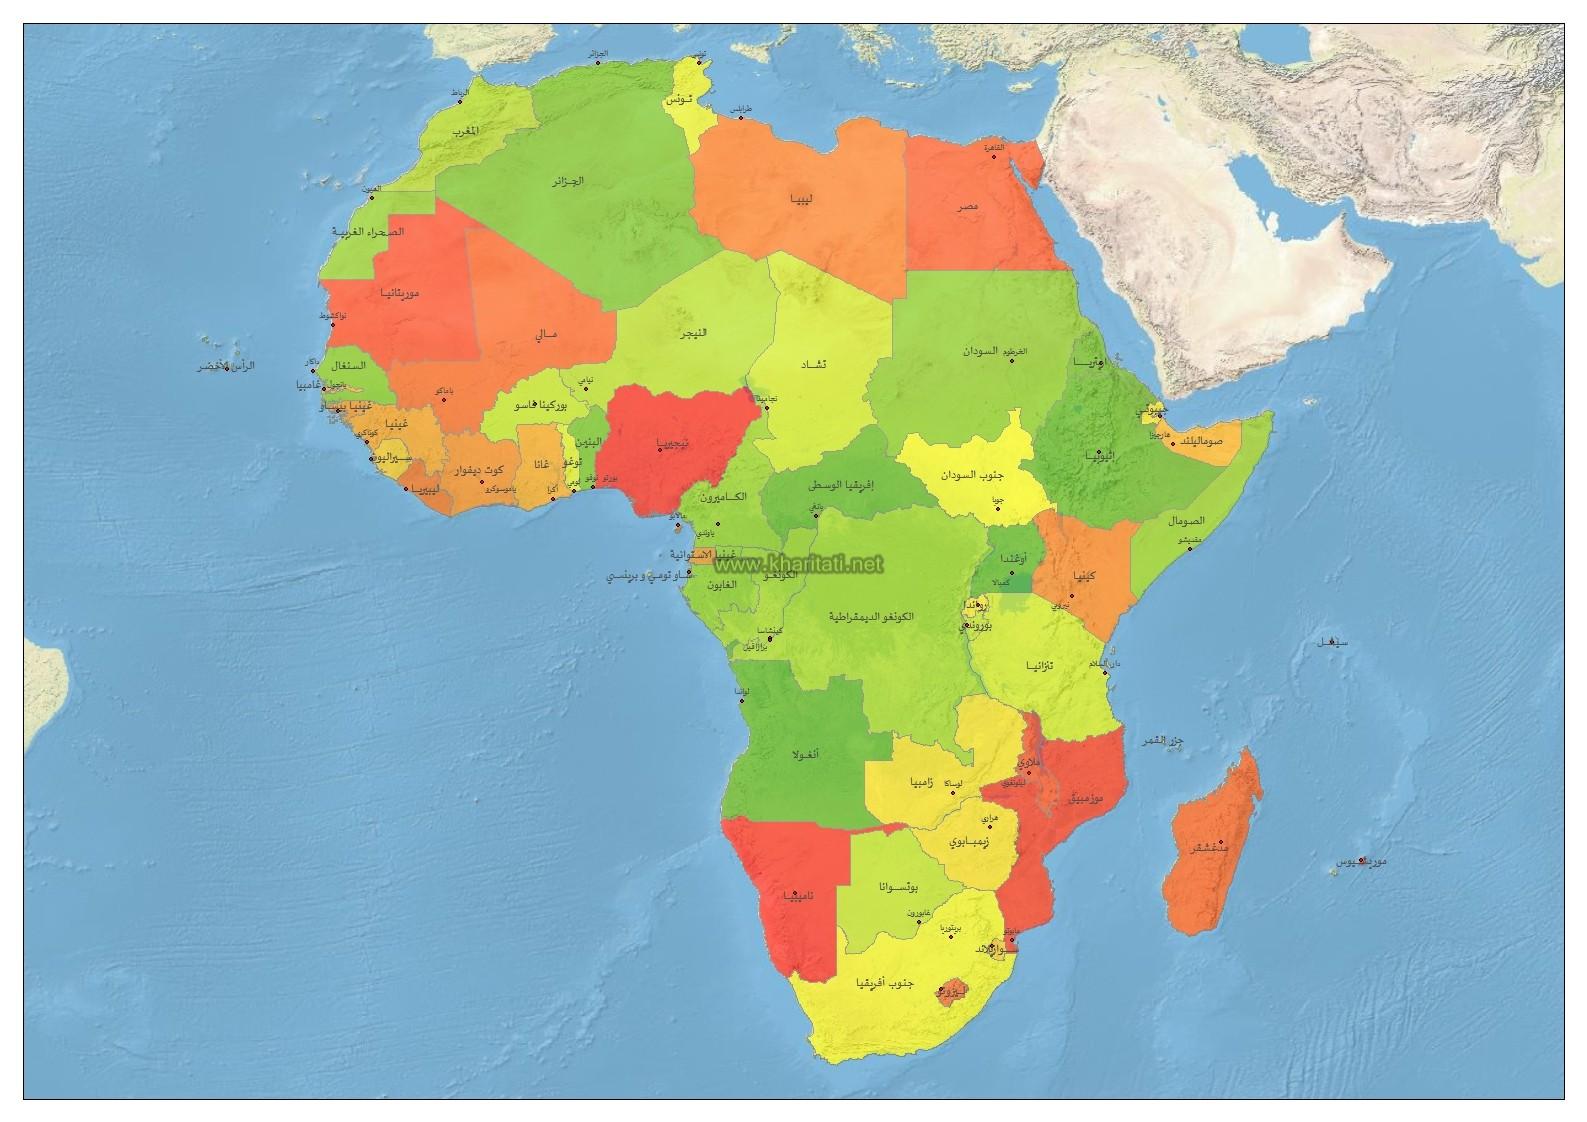 خريطة-افريقيا-سياسية-3.jpg